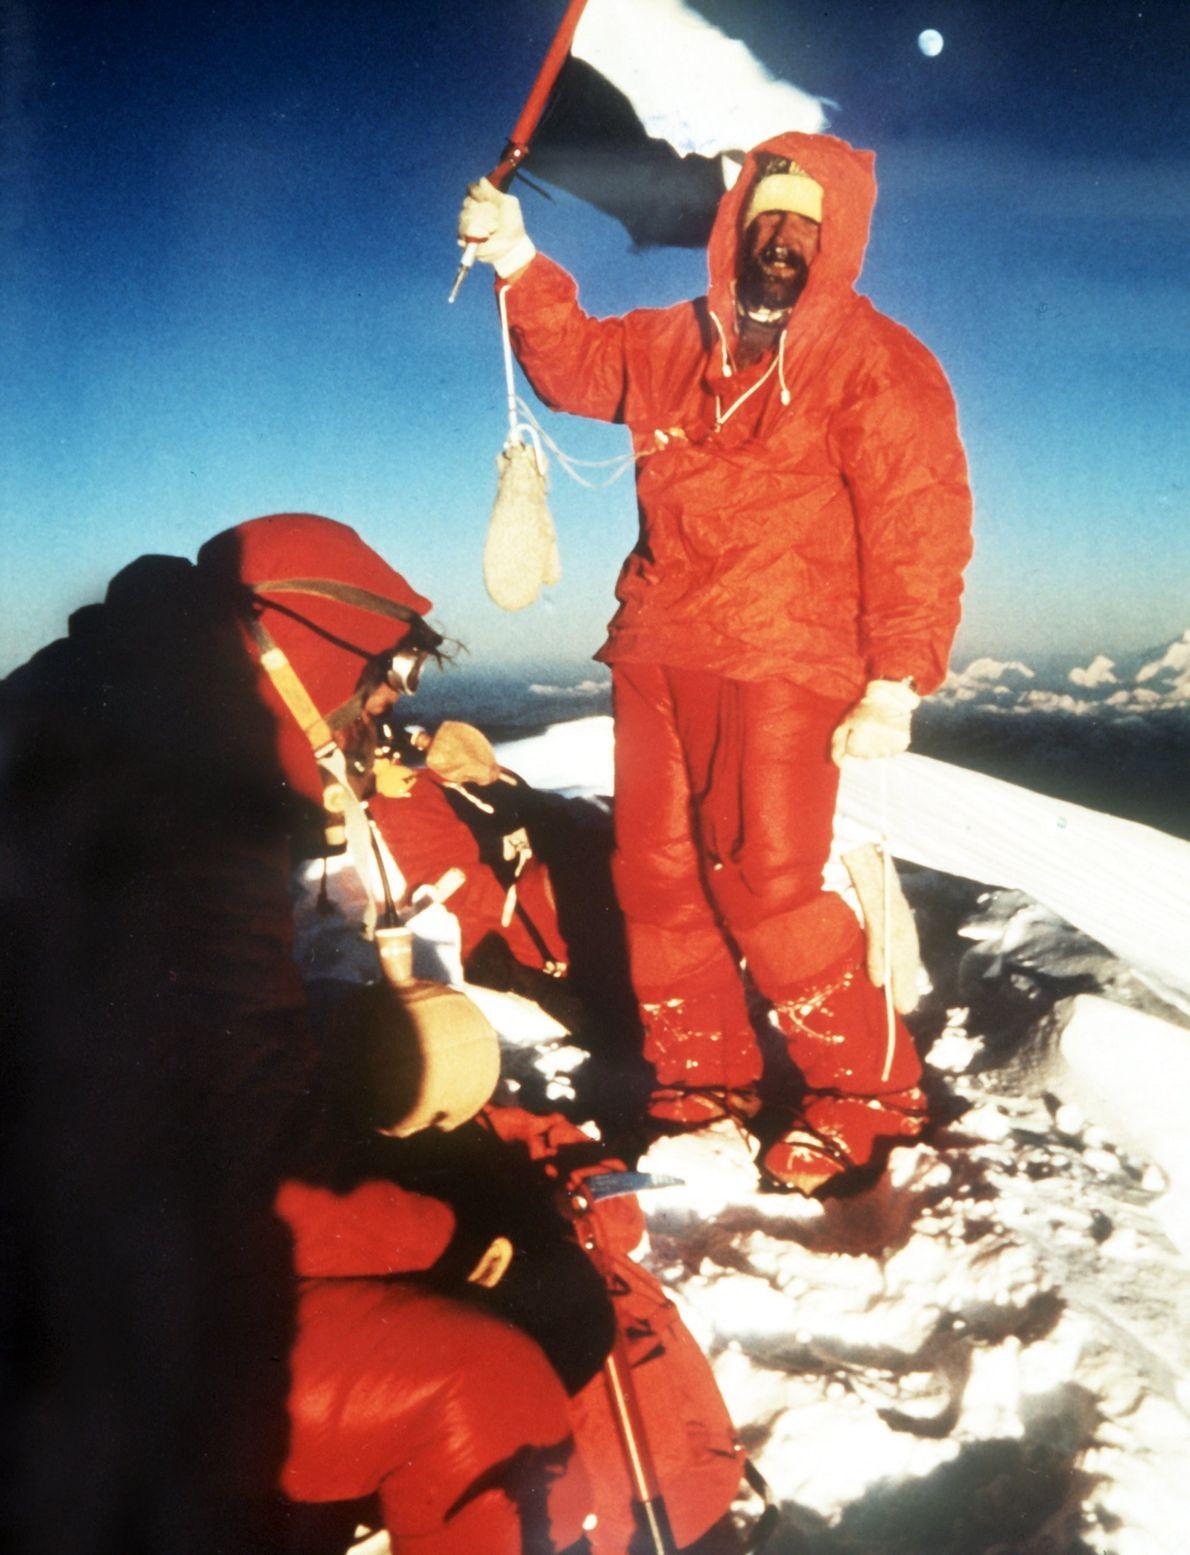 Jubilante para alcanzar el pico del Monte Everest, el escalador alemán Hubert Hillmaier agita una bandera ...